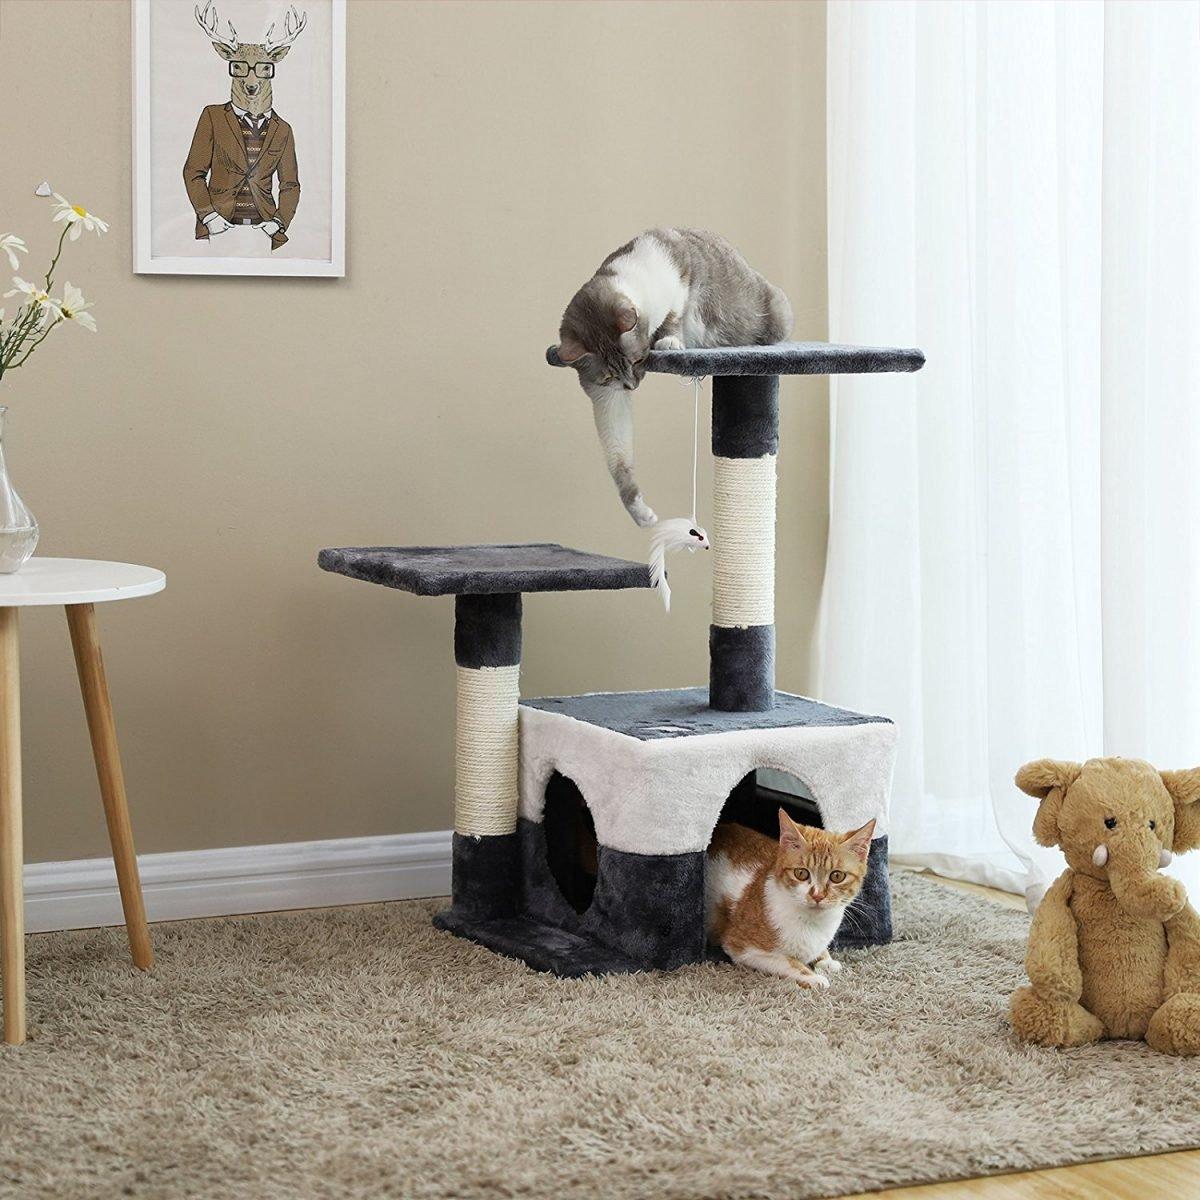 Comment Fabriquer Un Arbre À Chat construire son arbre à chat : quelques conseils pratiques